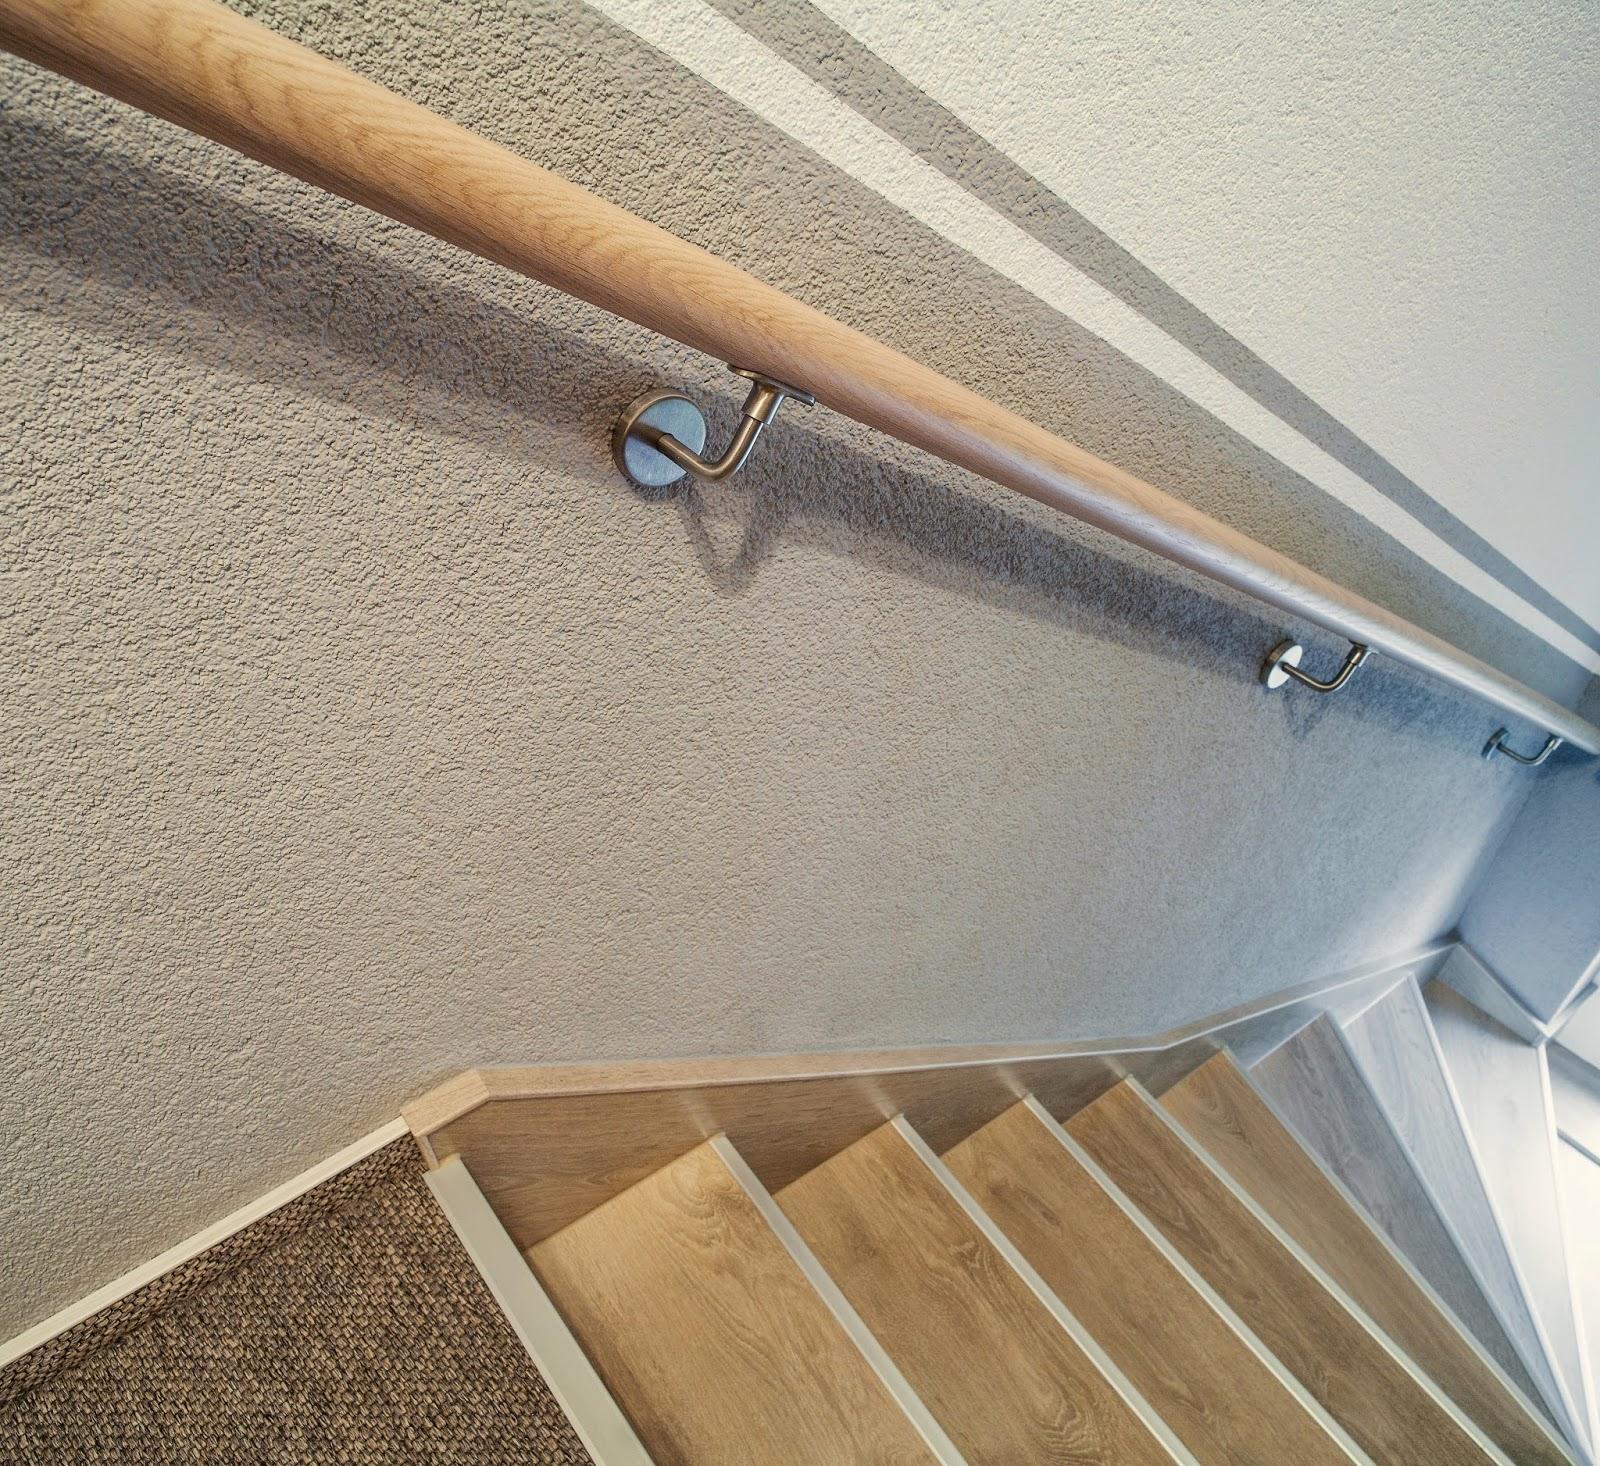 Treppenrenovierung - Wandhandlauf rund, d = 45 mm